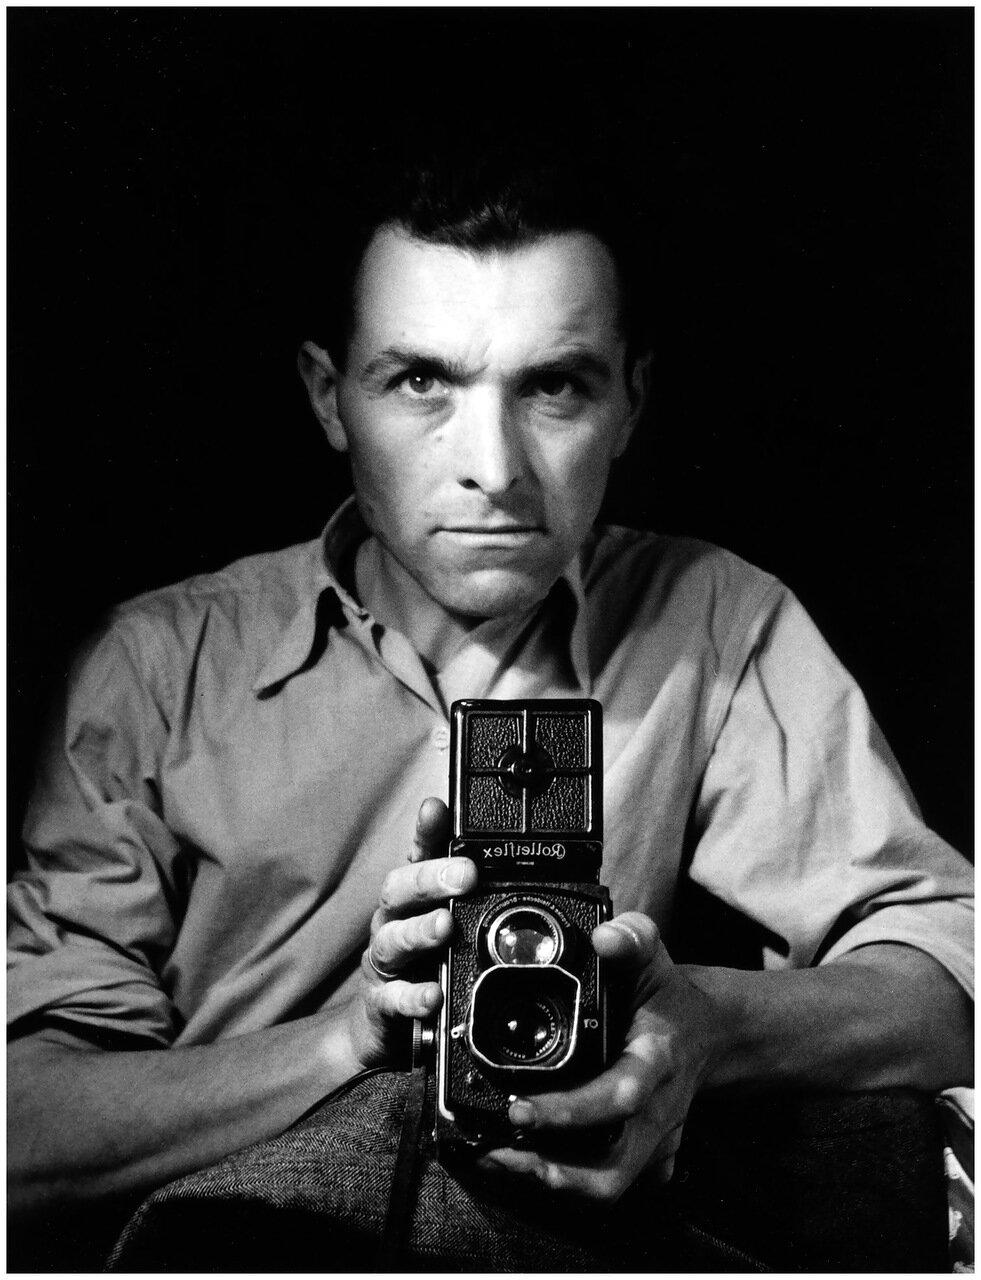 1947. Автопортрет с роллейфлексом